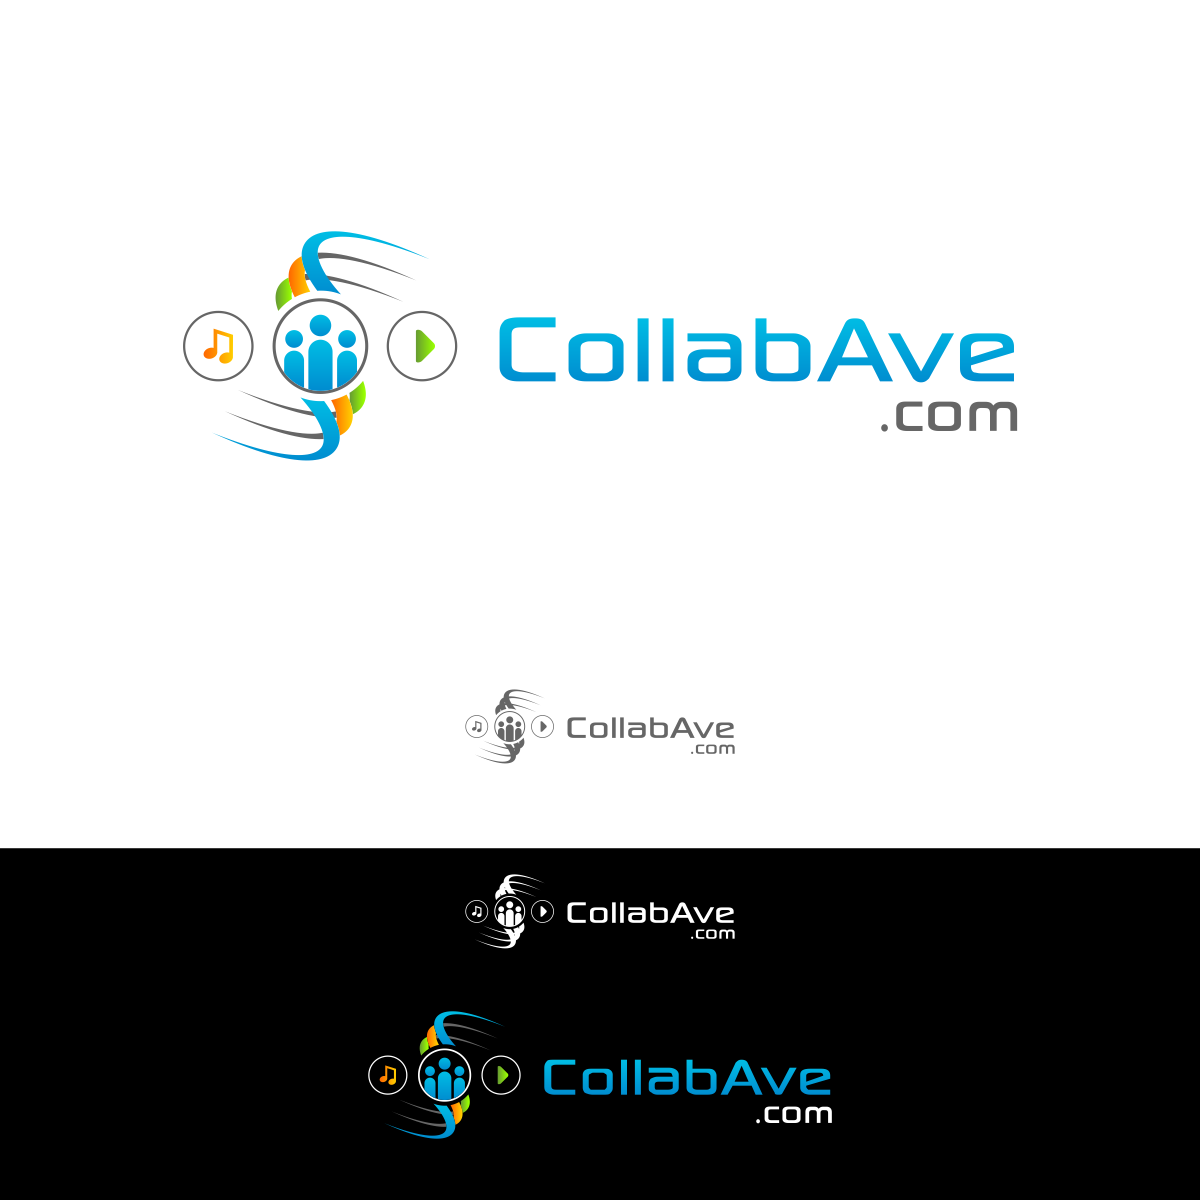 logo for CollabAve.com